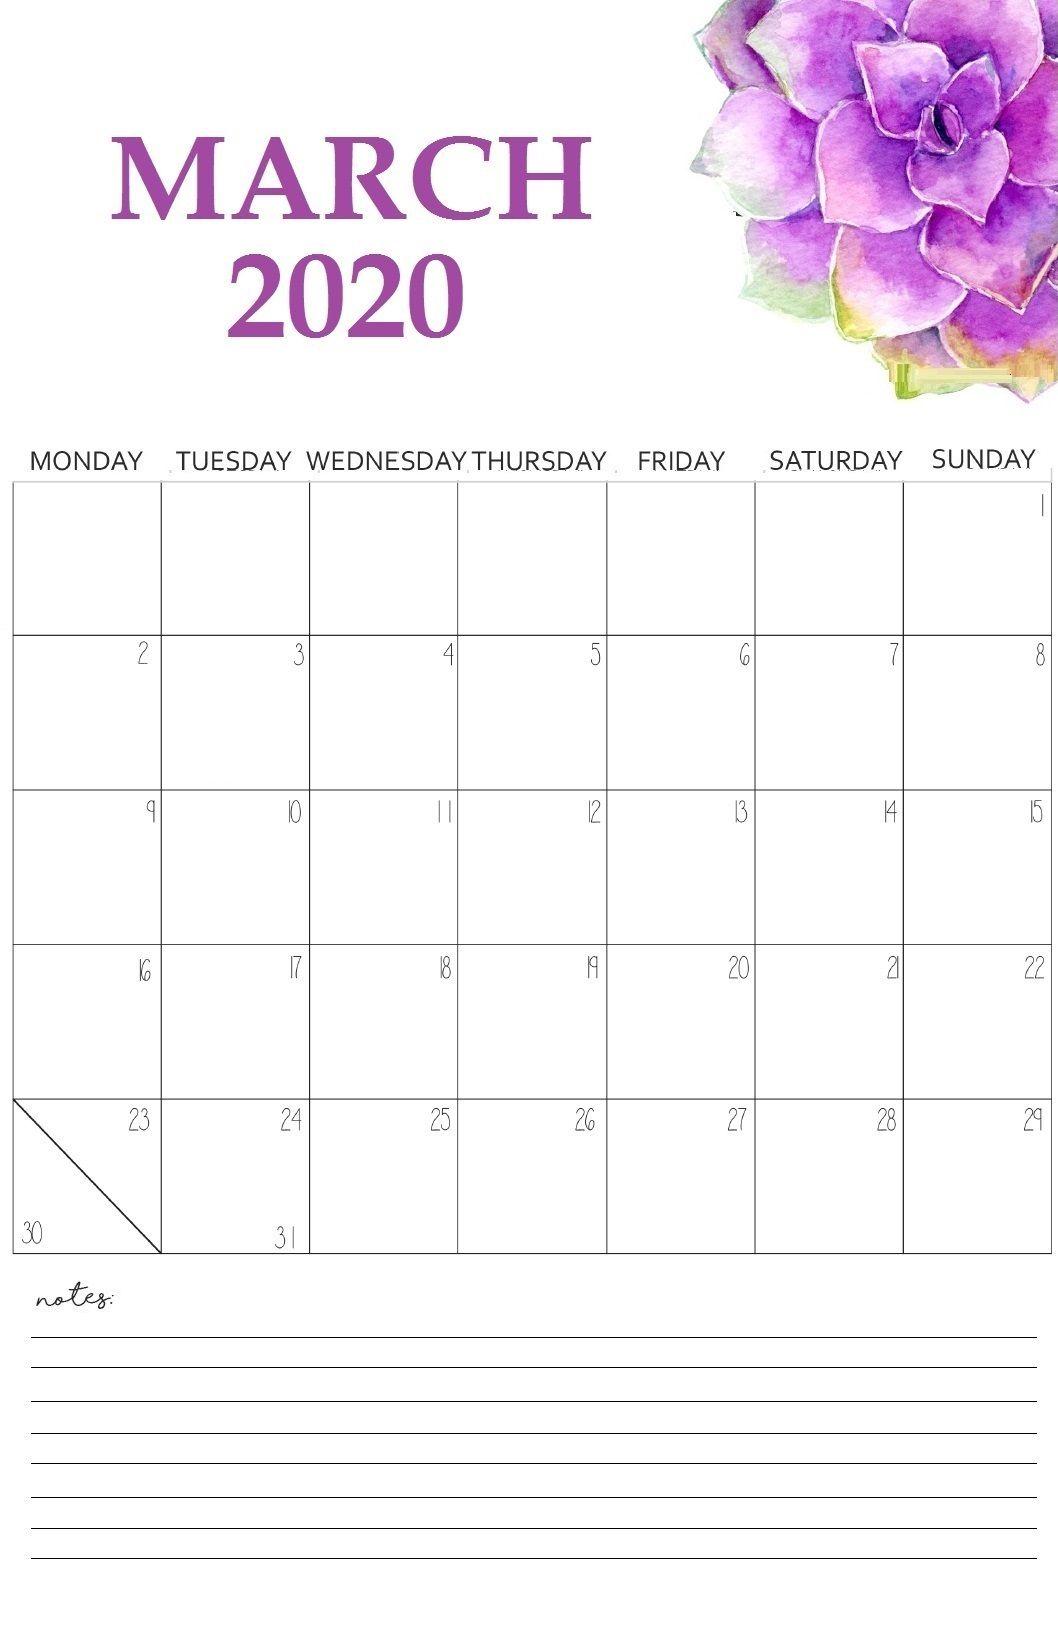 March 2020 Calendar In 2020 Free Printable Calendar Templates